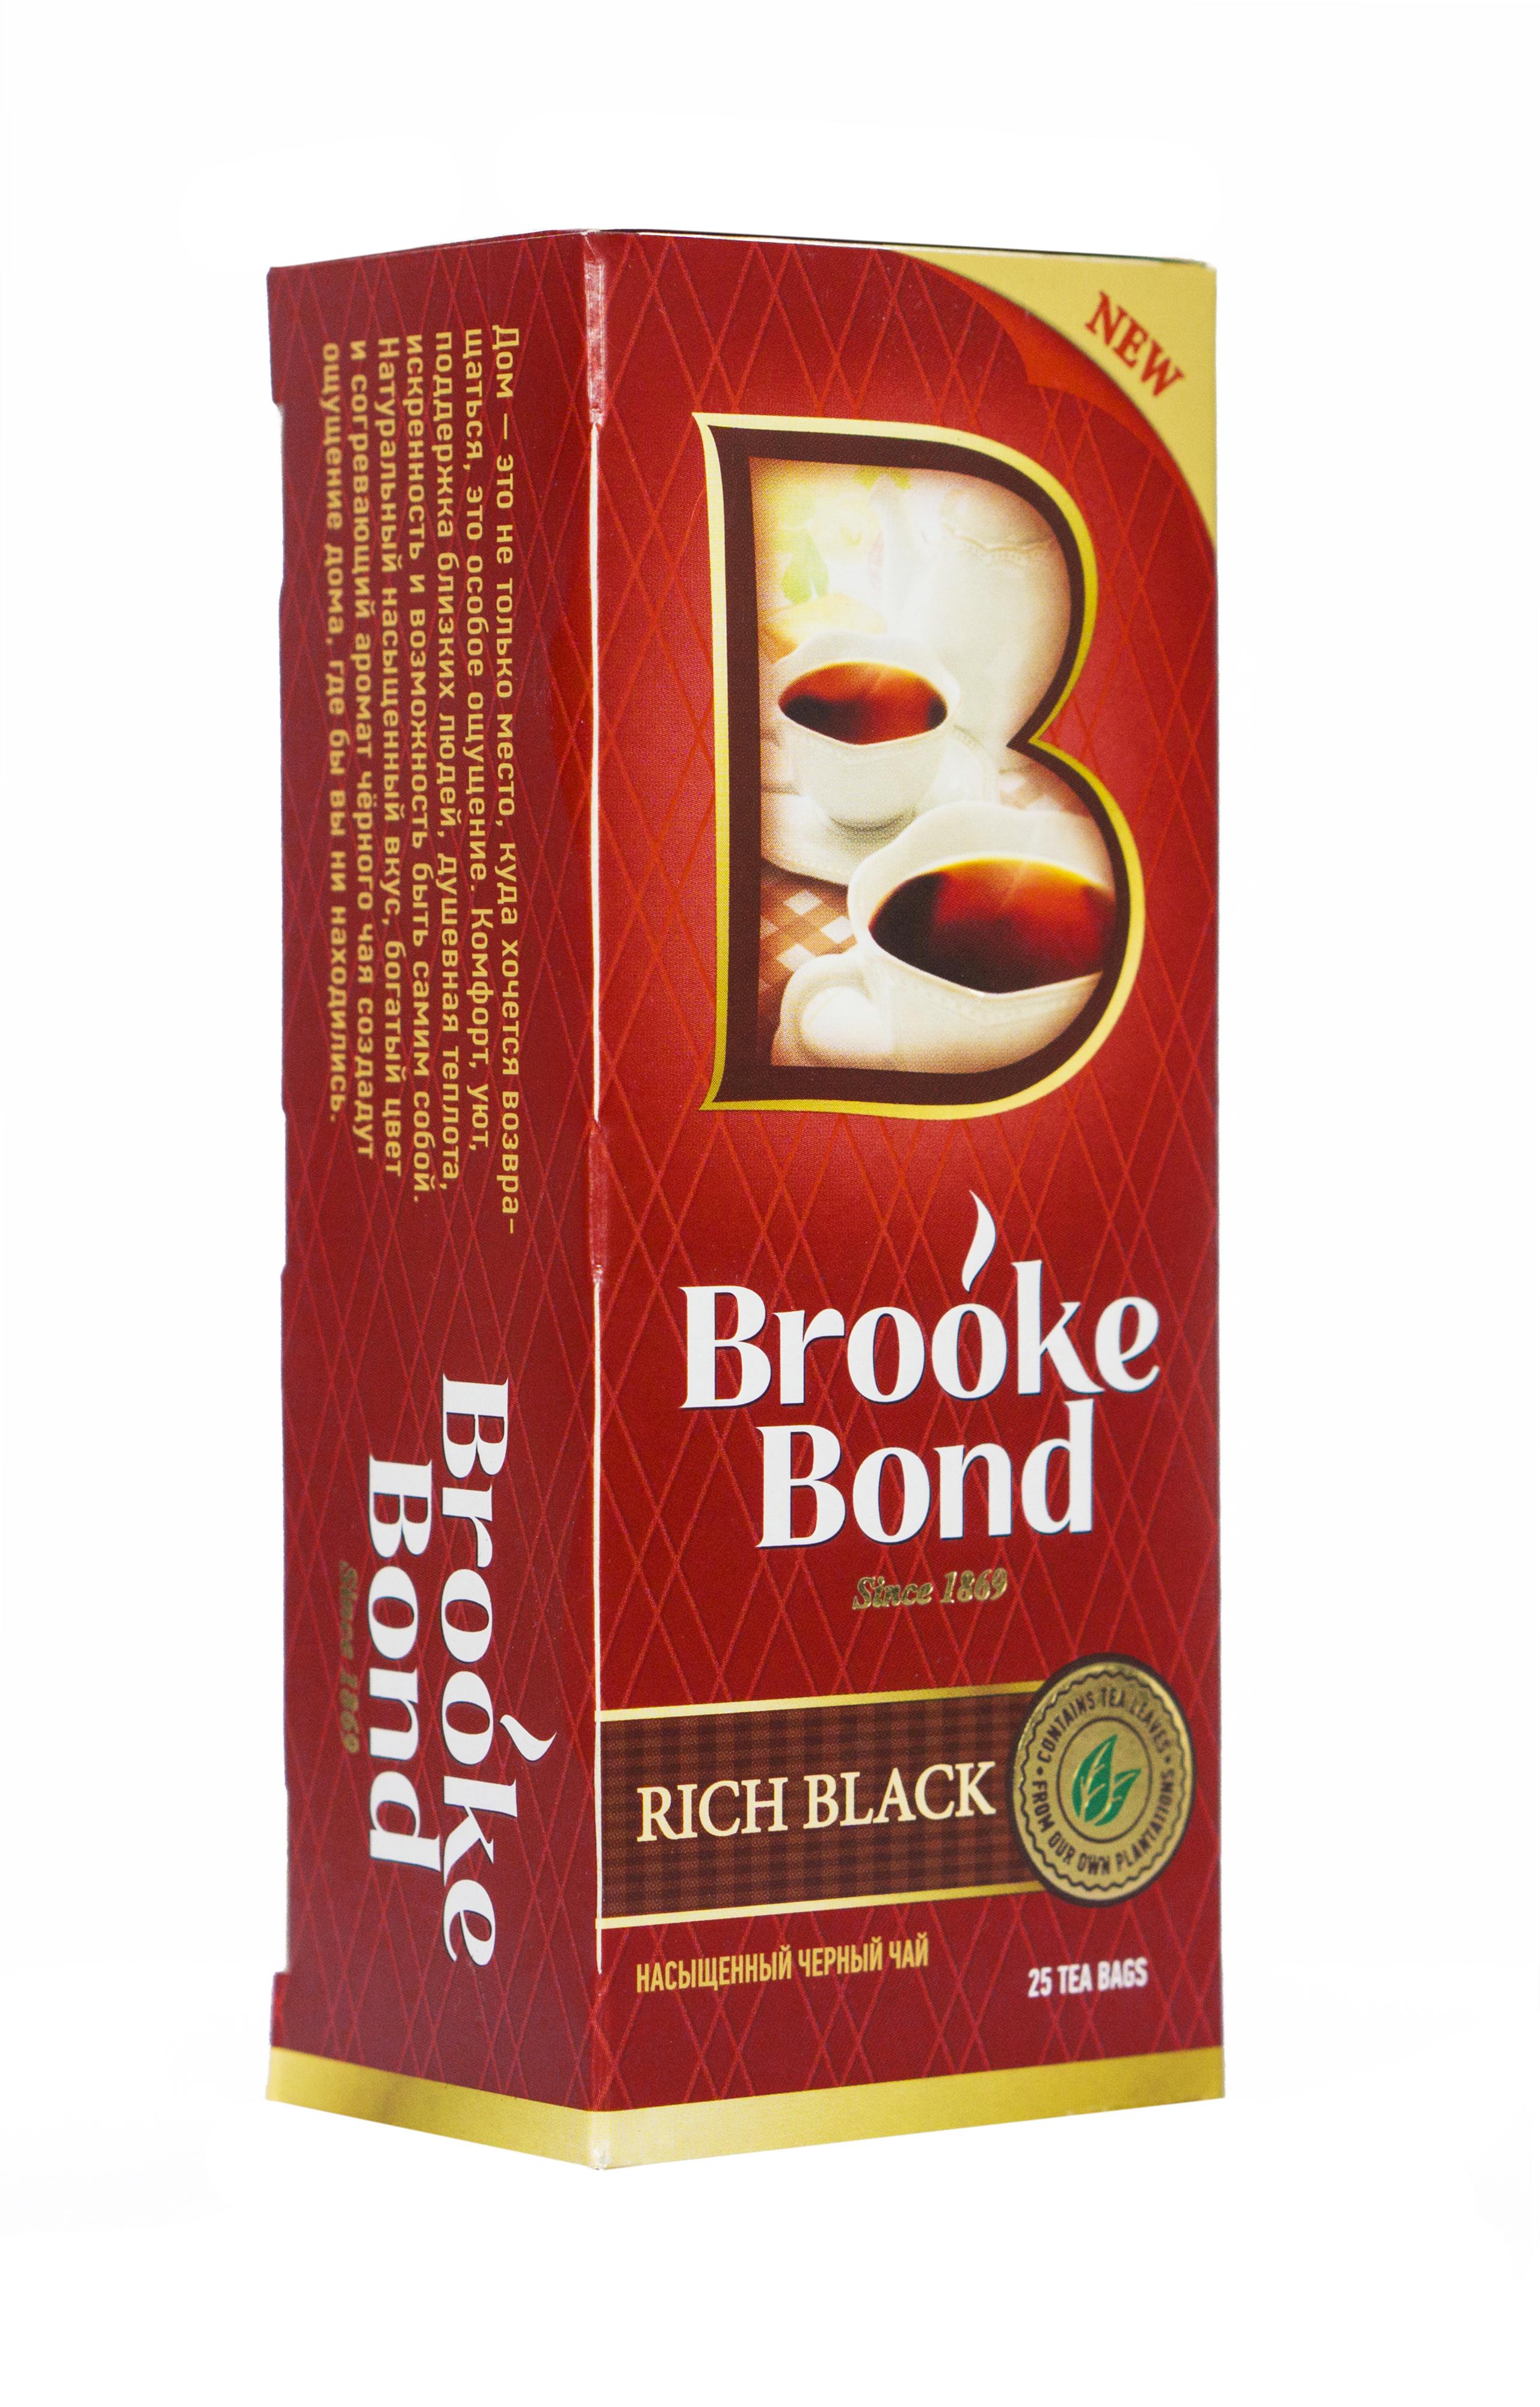 Brooke Bond Насыщенный черный чай в пакетиках, 25 шт65415526/21153962Brooke Bond в пакетиках позволяет насладиться превосходным вкусом крепкого черного чая. Секрет его вкуса — в уникальном купаже из высших сортов чая из Кении и Индонезии. Чай Brooke Bond обладает ярким, приятно терпким тонизирующим вкусом и насыщенным ароматом.